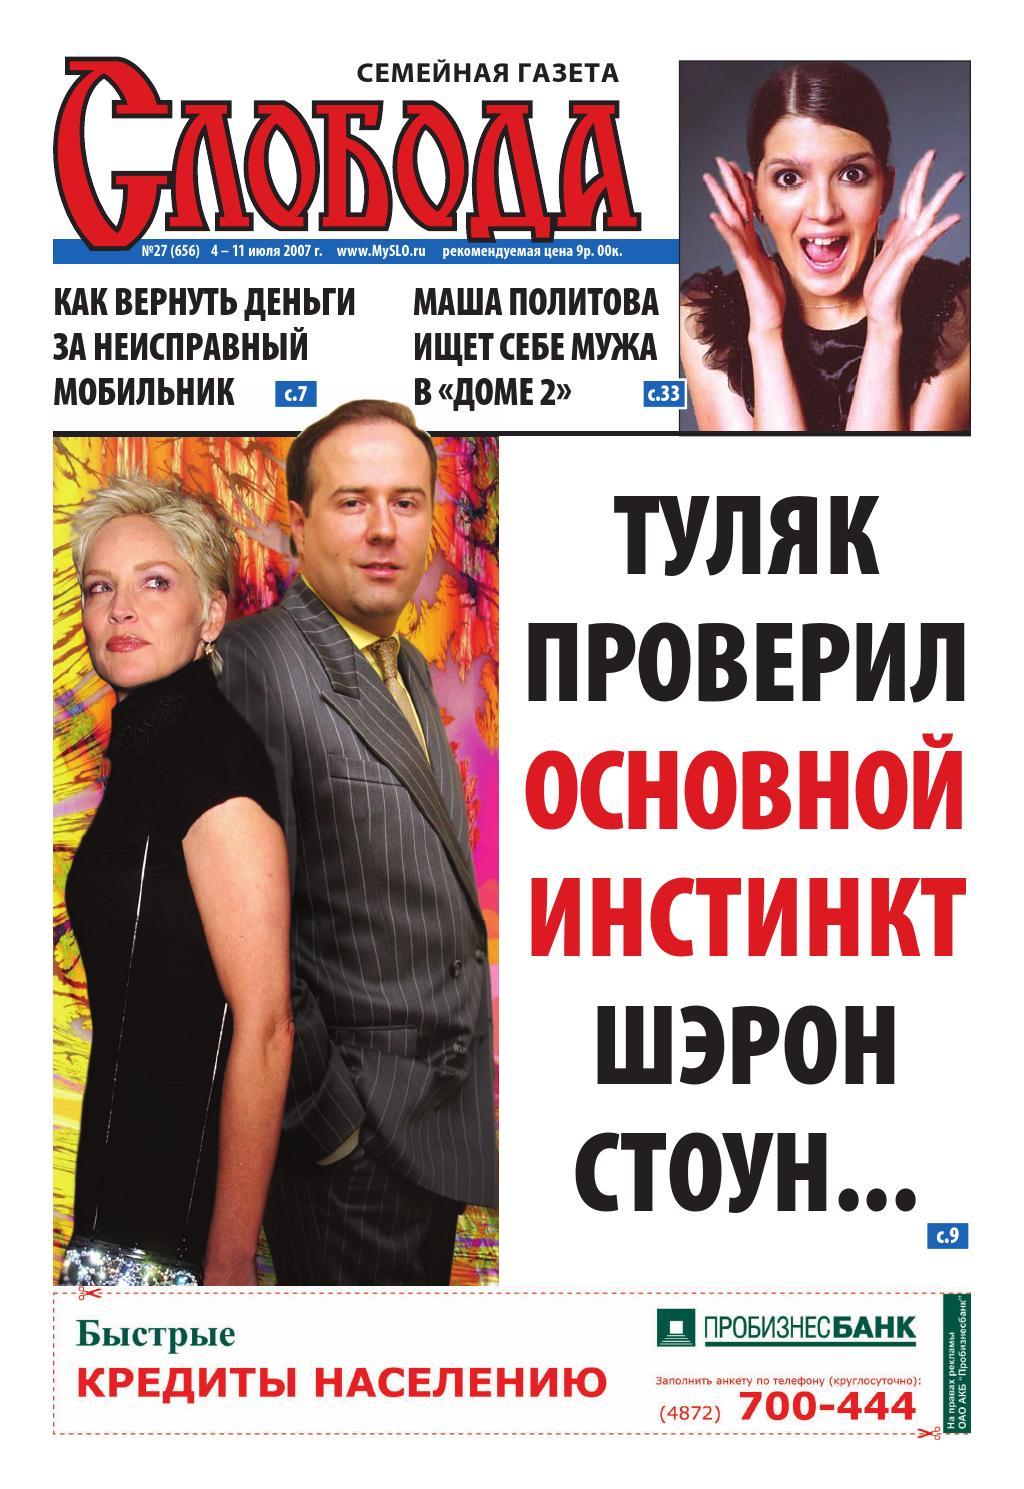 ВСЁ ПОНЯТНО Сегодня выебал бабушку русское порно что нет